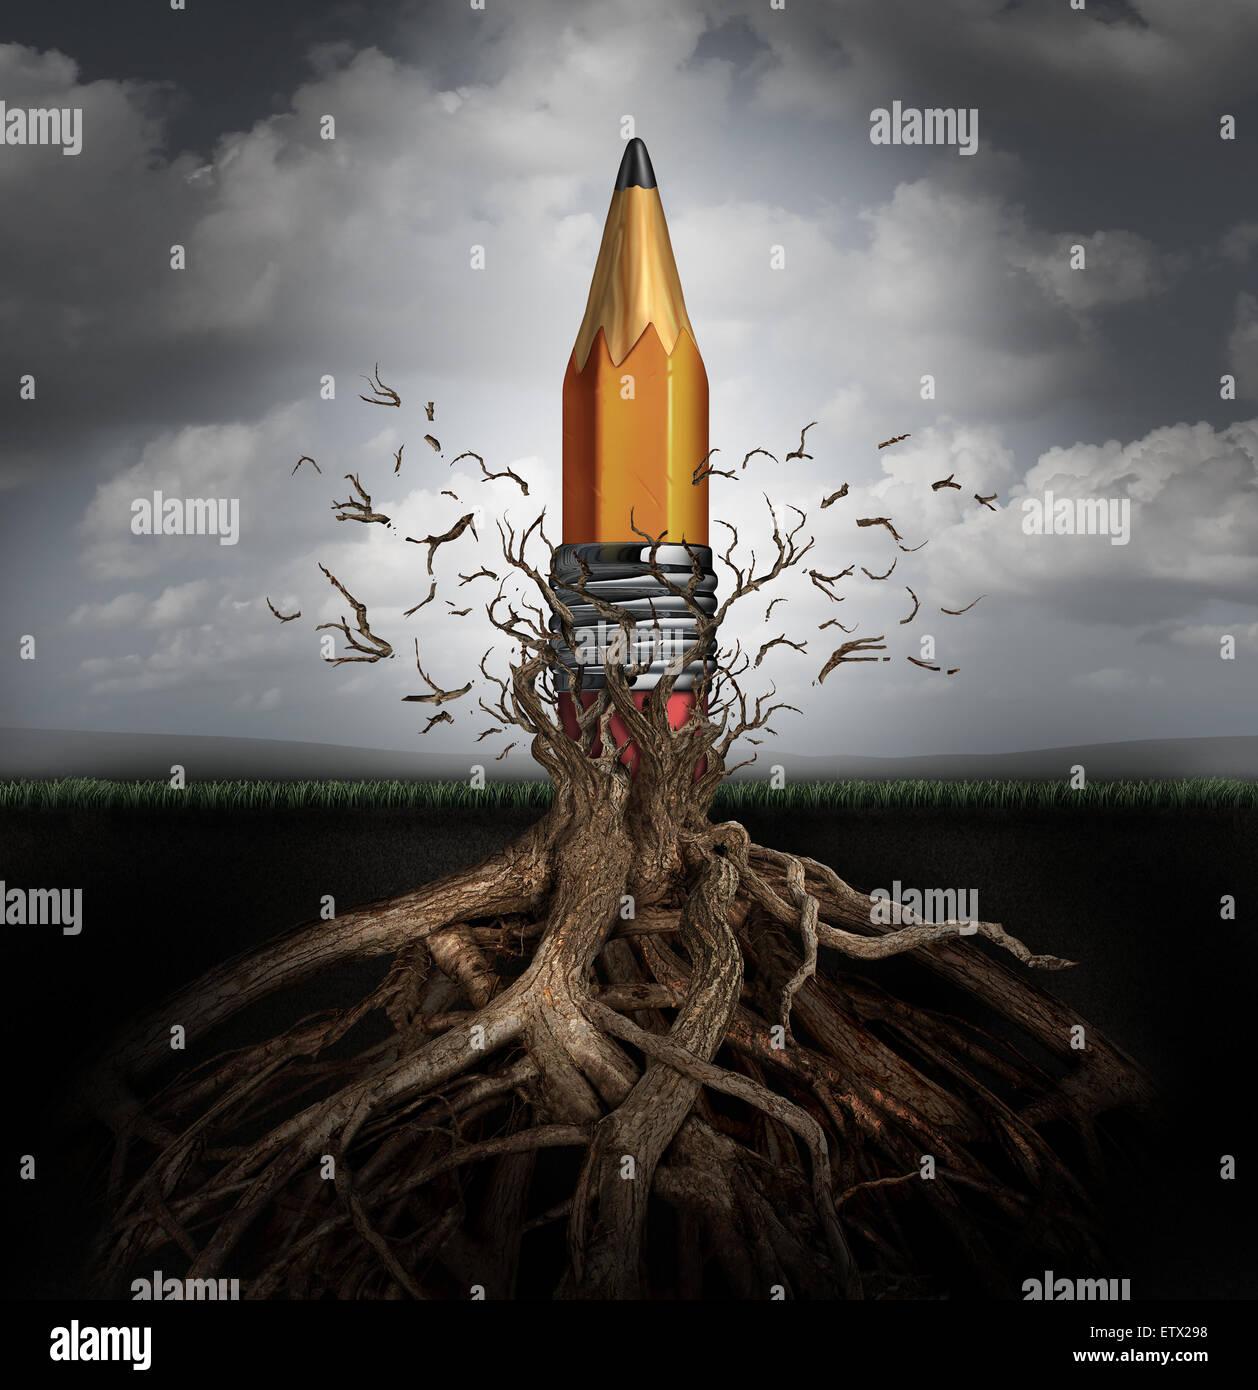 Il concetto di creatività e creatività simbolo come il sorgere di idee e innovazione come una matita che Immagini Stock